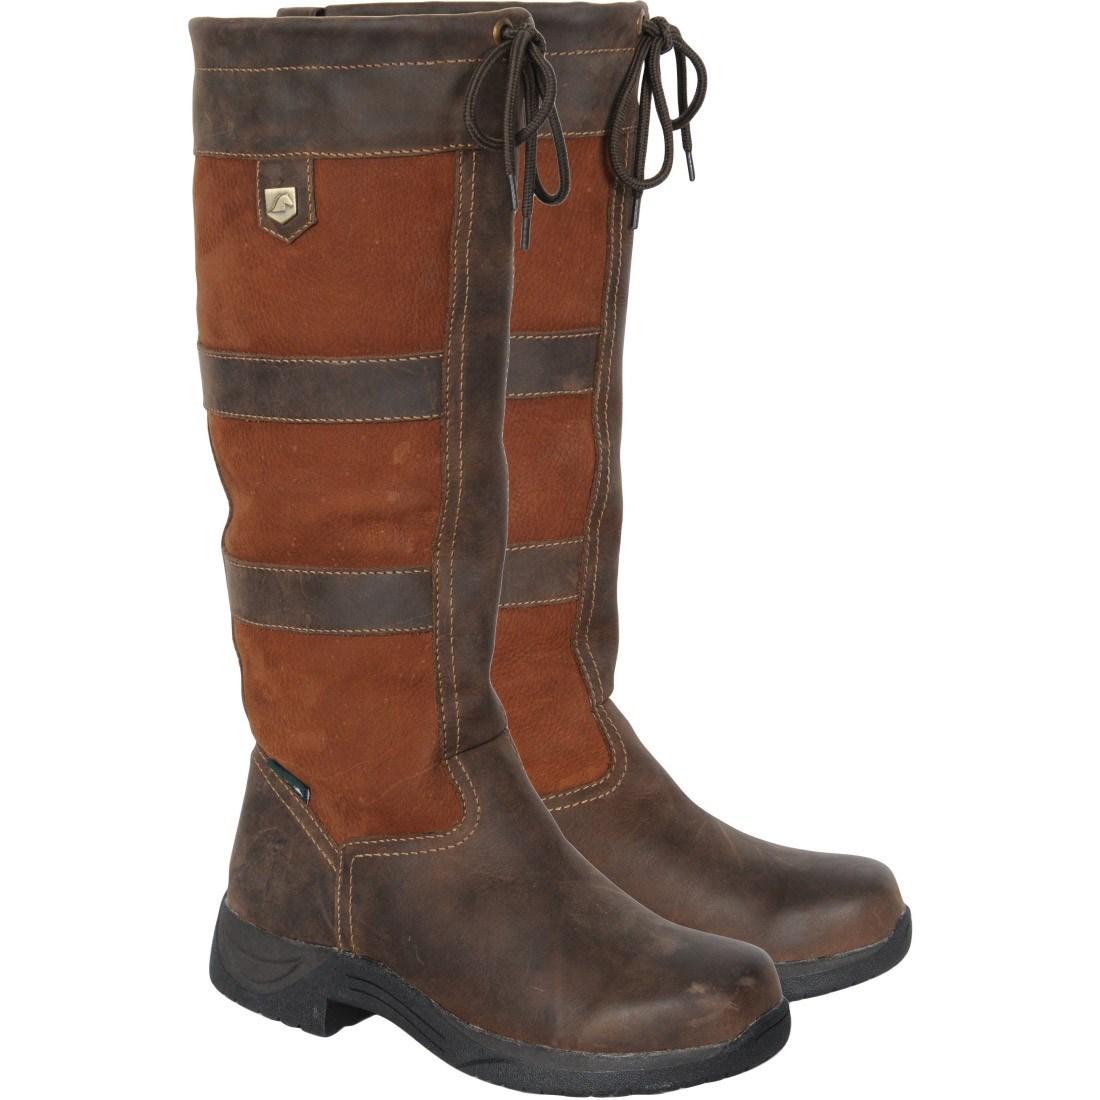 a37ea81f87 Dublin River Boots Tall - Dark Brown